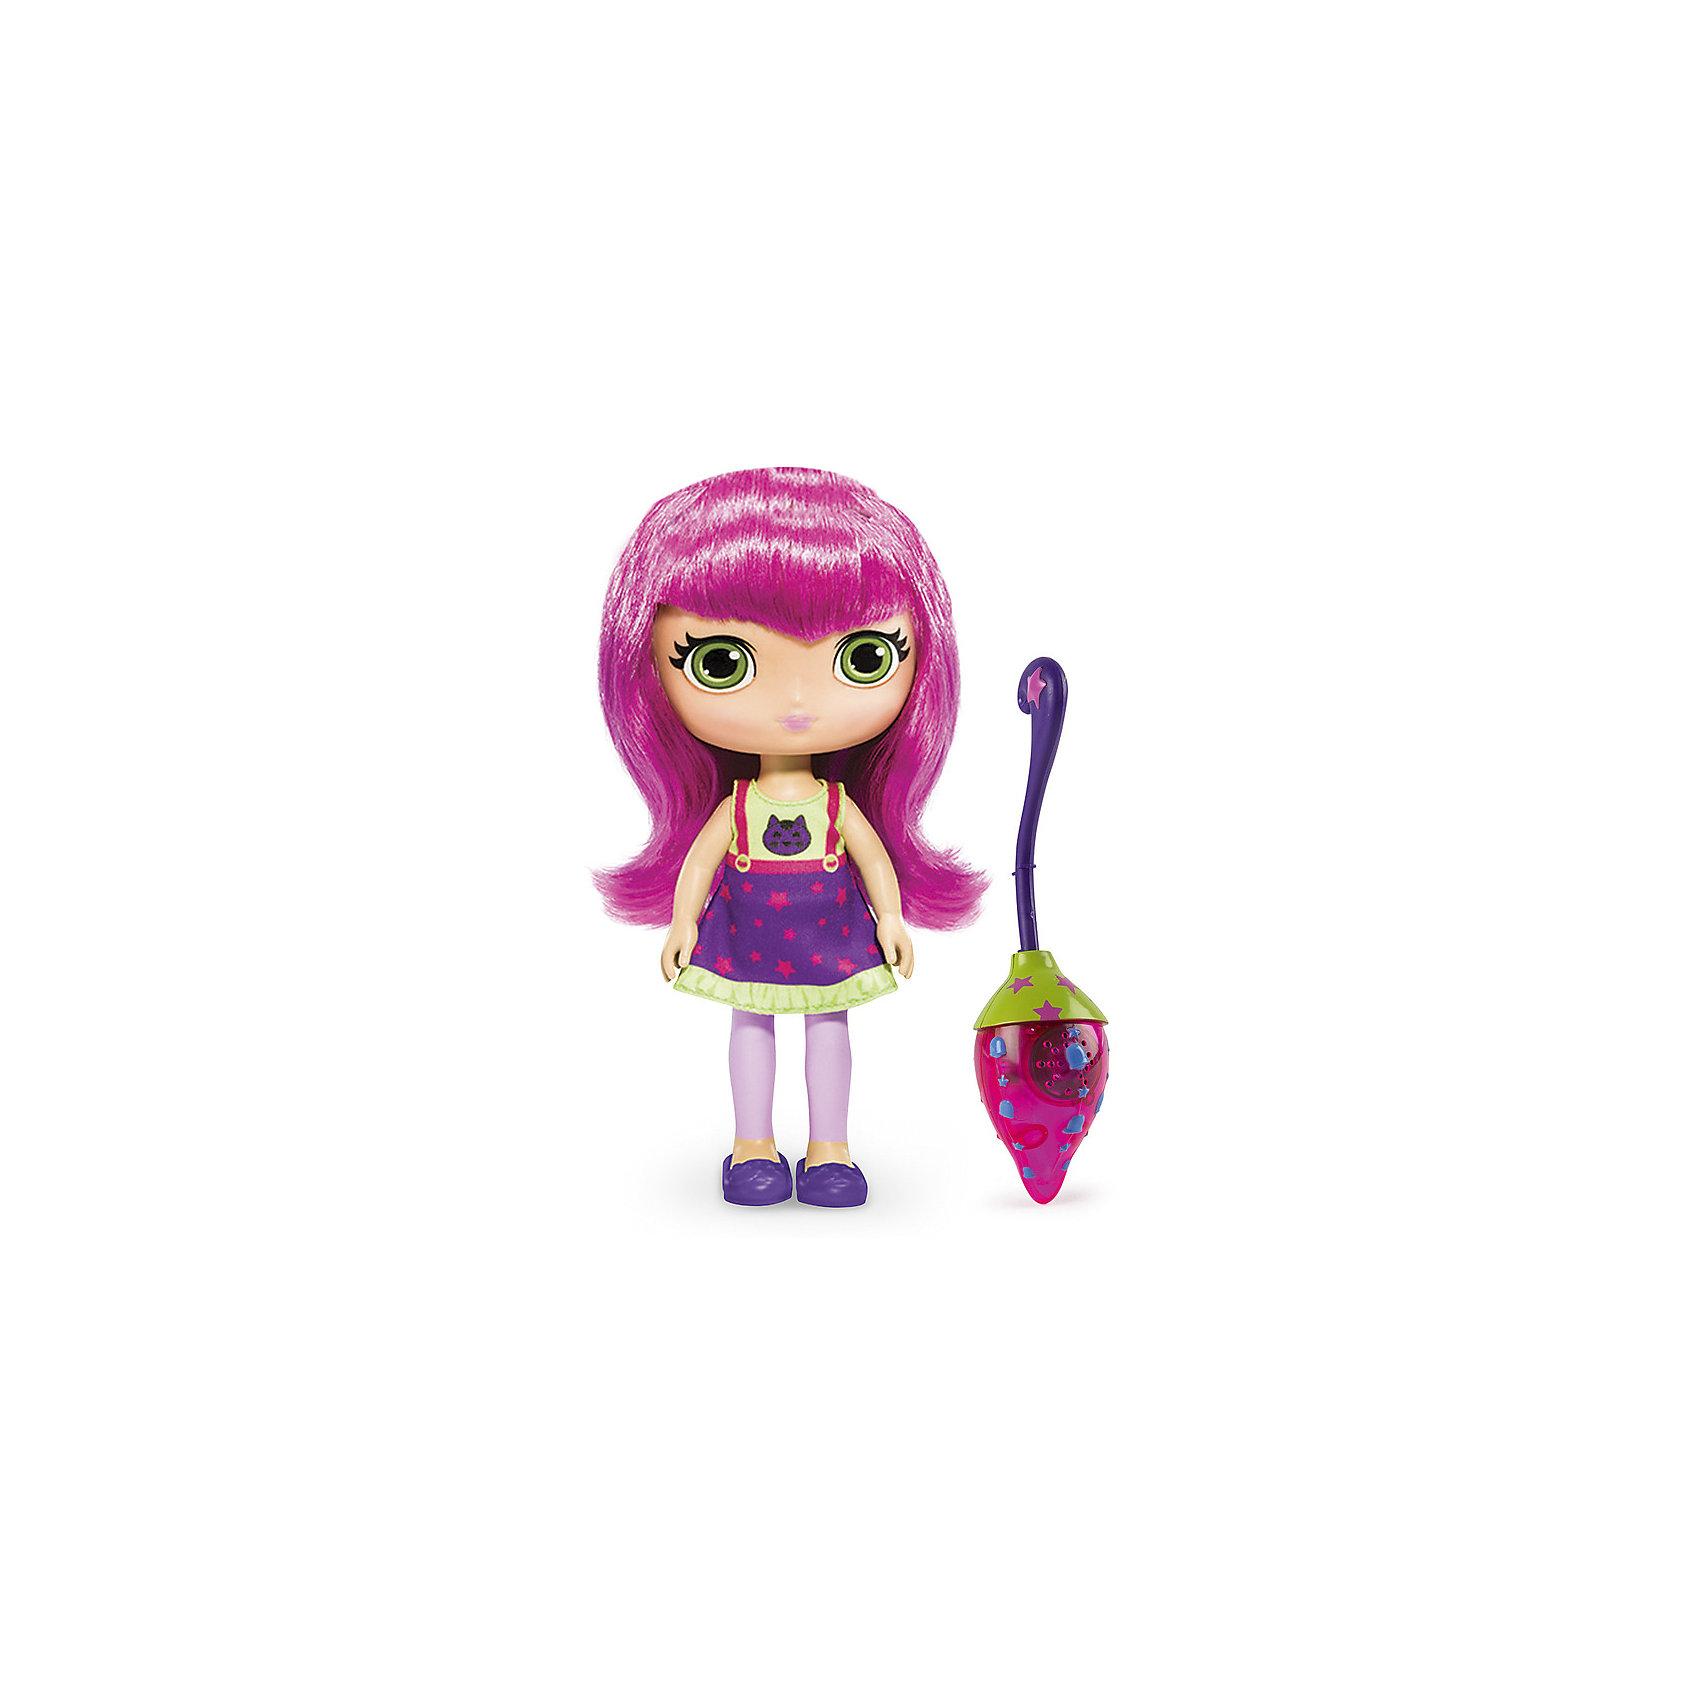 Кукла со светом и звуком Хейзел, 20 см, Маленькие волшебницы, Spin MasterМаленькие волшебницы<br>Кукла со светом и звуком Хазер, 20 см, Маленькие волшебницы, Spin Master<br><br>Характеристики куклы Little Charmers:<br><br>• световые эффекты: если усадить куклу на метлу и наклонить, метла начнет светиться;<br>• звуковые эффекты: свистящий звук полета во время движения;<br>• высота куклы: 20 см;<br>• материал: пластик, текстиль;<br>• батарейки включены в комплект;<br>• размер упаковки: 25х28х8 см;<br>• вес упаковки: 250 г.<br><br>Маленькие волшебницы Little Charmers очень дружны между собой. Героиня Хазер понимает разговор зверей и птиц. Добрая и энергичная волшебница. Волосы куклы нейлоновые, розового цвета, их можно расчесывать. Руки и ноги поднимаются и опускаются, голова поворачивается. Кукла Хазер может занимать положение «сидя», когда летит на своей волшебной метле. <br><br>В процессе игры с куклами Литтл Чармерс у девочек развивается фантазия, появляется возможность обыграть сцены из мультфильма. <br><br>Куклу со светом и звуком Хазер, 20 см, Маленькие волшебницы, Spin Master можно купить в нашем интернет-магазине.<br><br>Ширина мм: 255<br>Глубина мм: 75<br>Высота мм: 280<br>Вес г: 507<br>Возраст от месяцев: 36<br>Возраст до месяцев: 2147483647<br>Пол: Женский<br>Возраст: Детский<br>SKU: 5064311